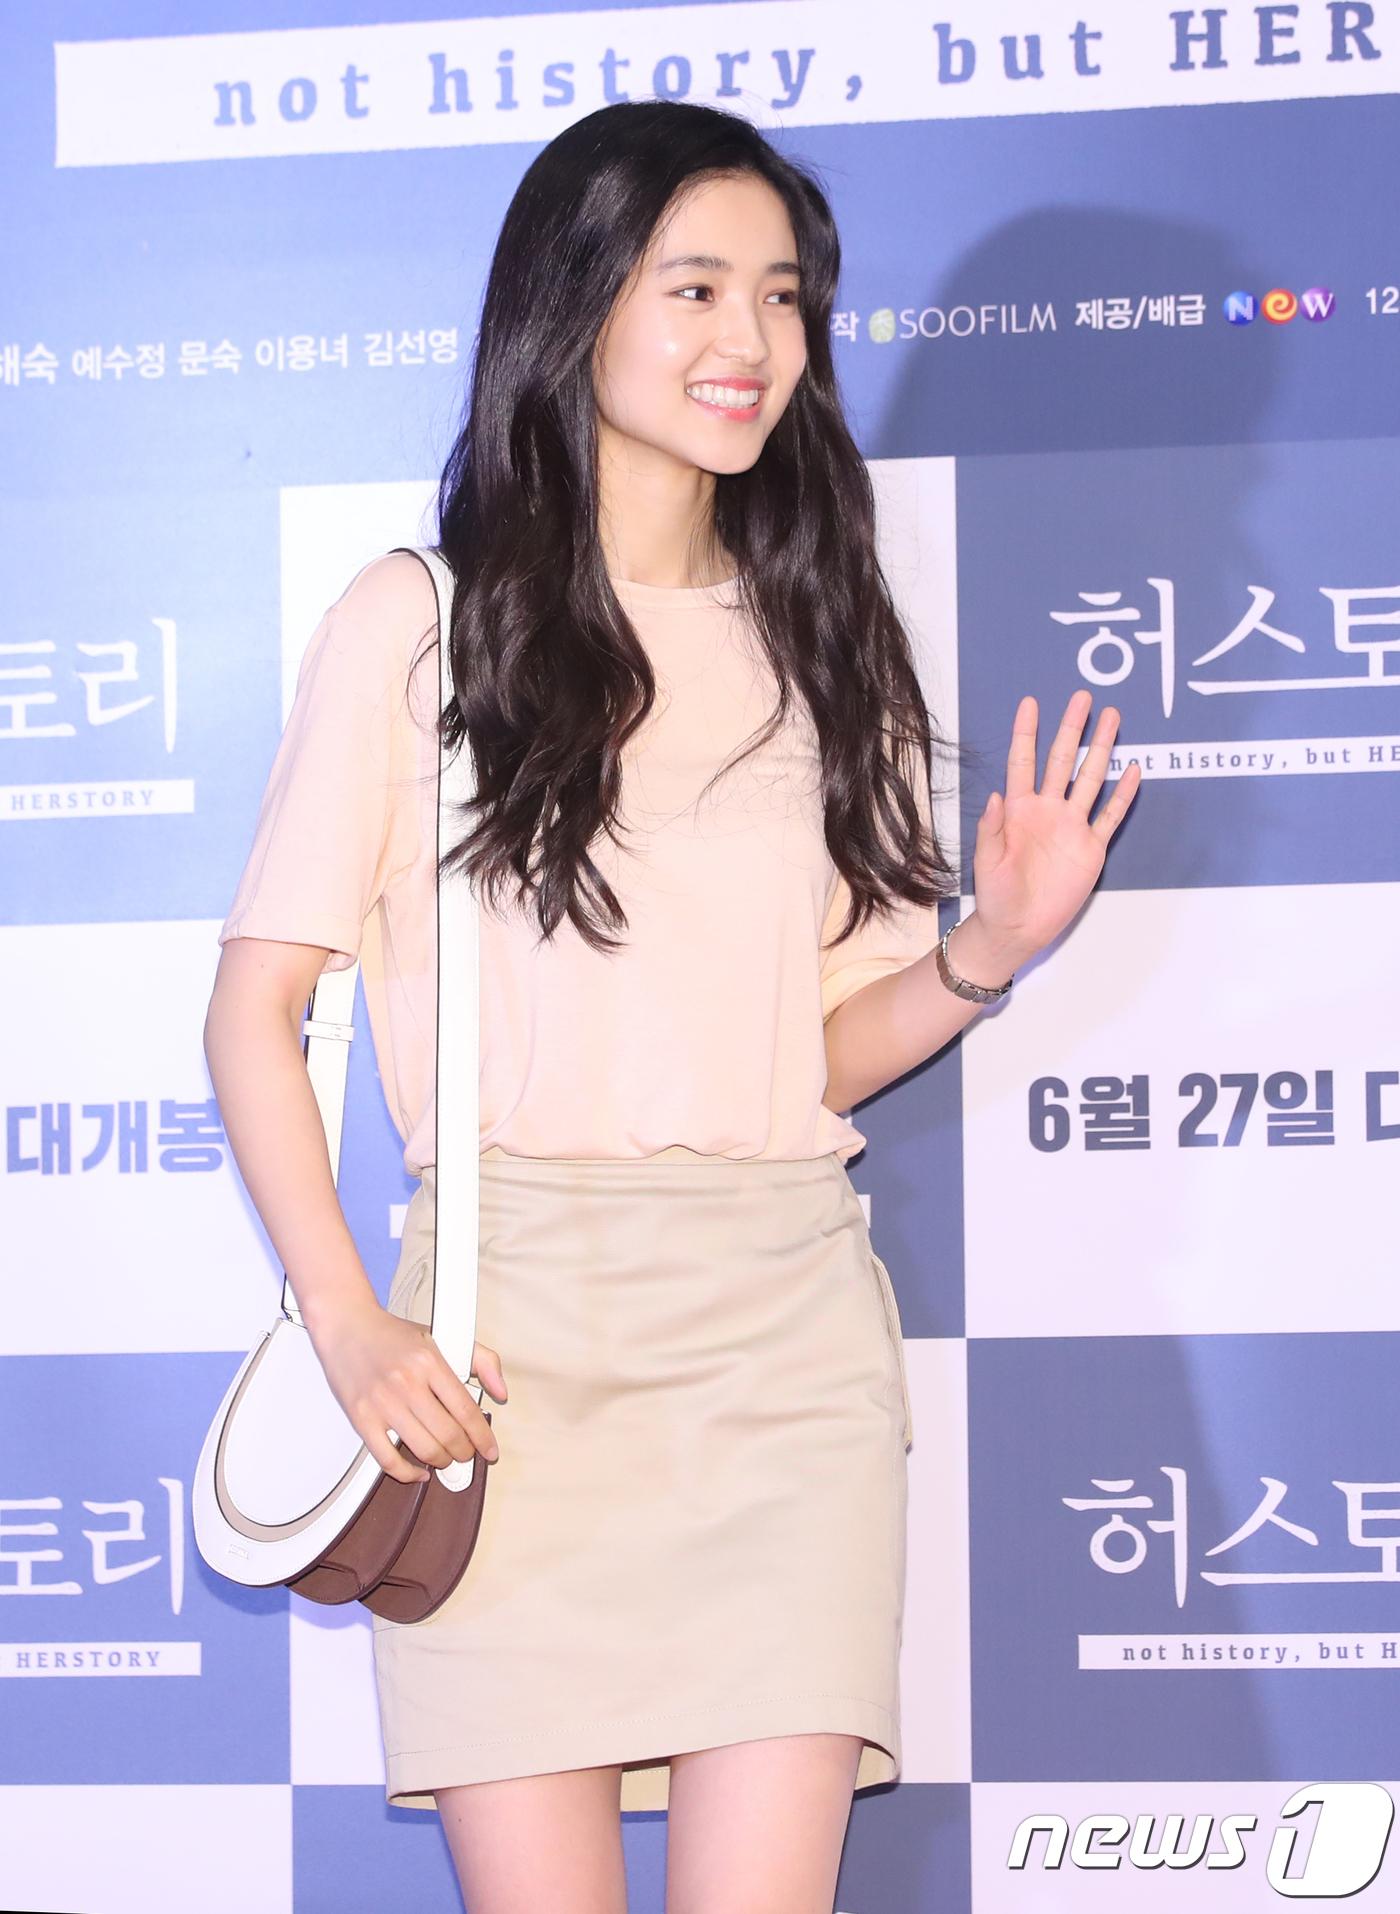 김태리 팬심 녹이는 사랑스러운 미소